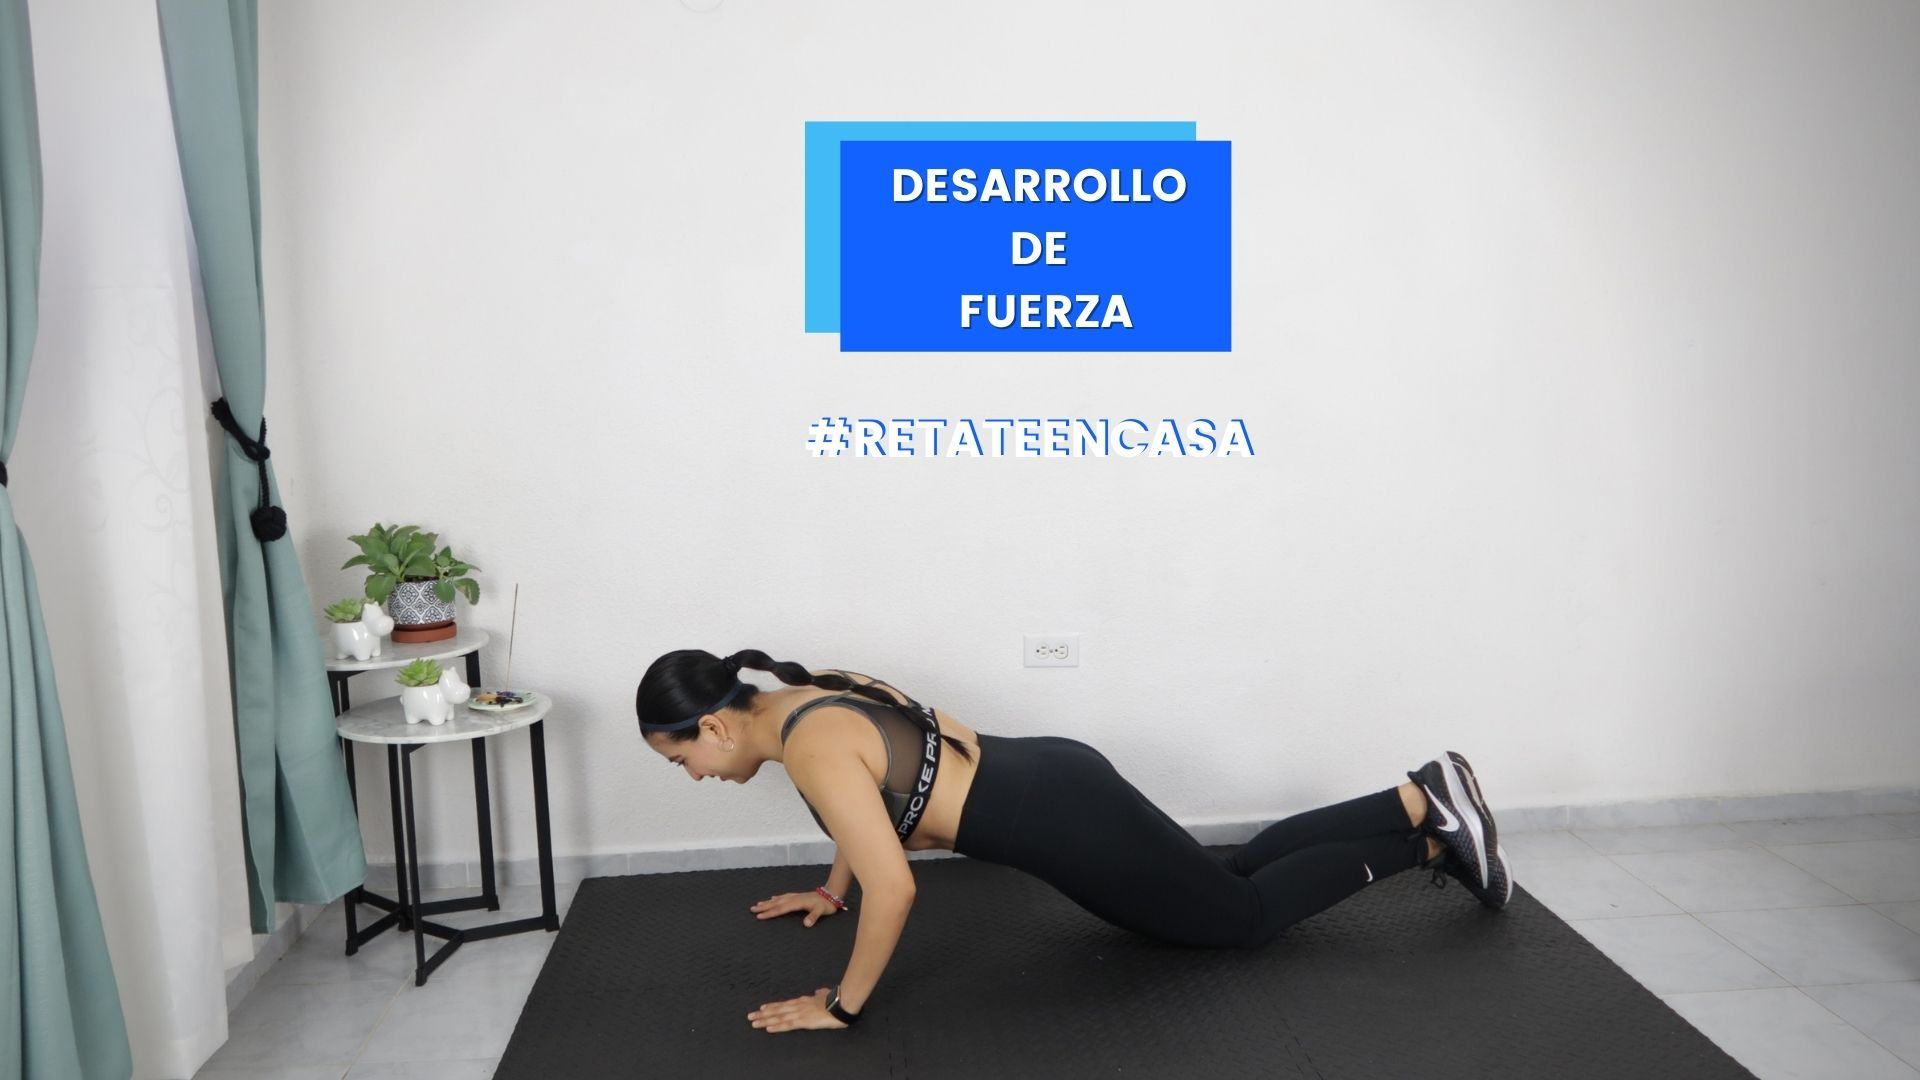 DESARROLLO DE FUERZA